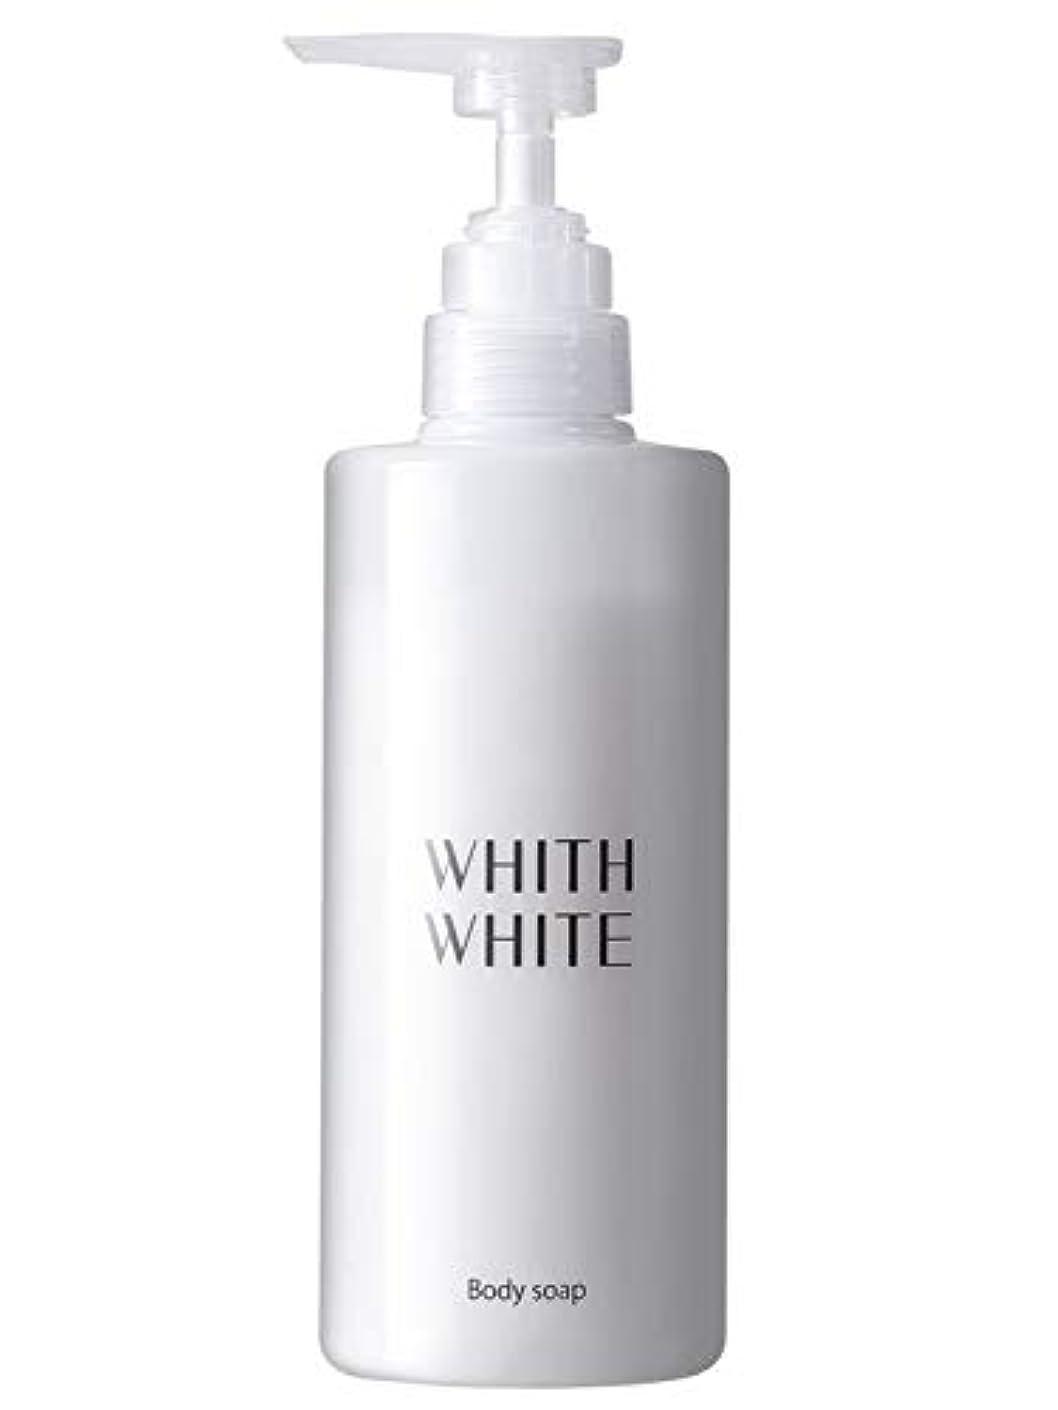 概要栄光コウモリ無添加 ボディソープ フィス ホワイト 【 エレガントフローラルのいい香り 】 保湿 ボディーソープ 「 泡で黒ずみ さっぱり ボディシャンプー 」「 ヒアルロン酸 コラーゲン セラミド 配合」450ml